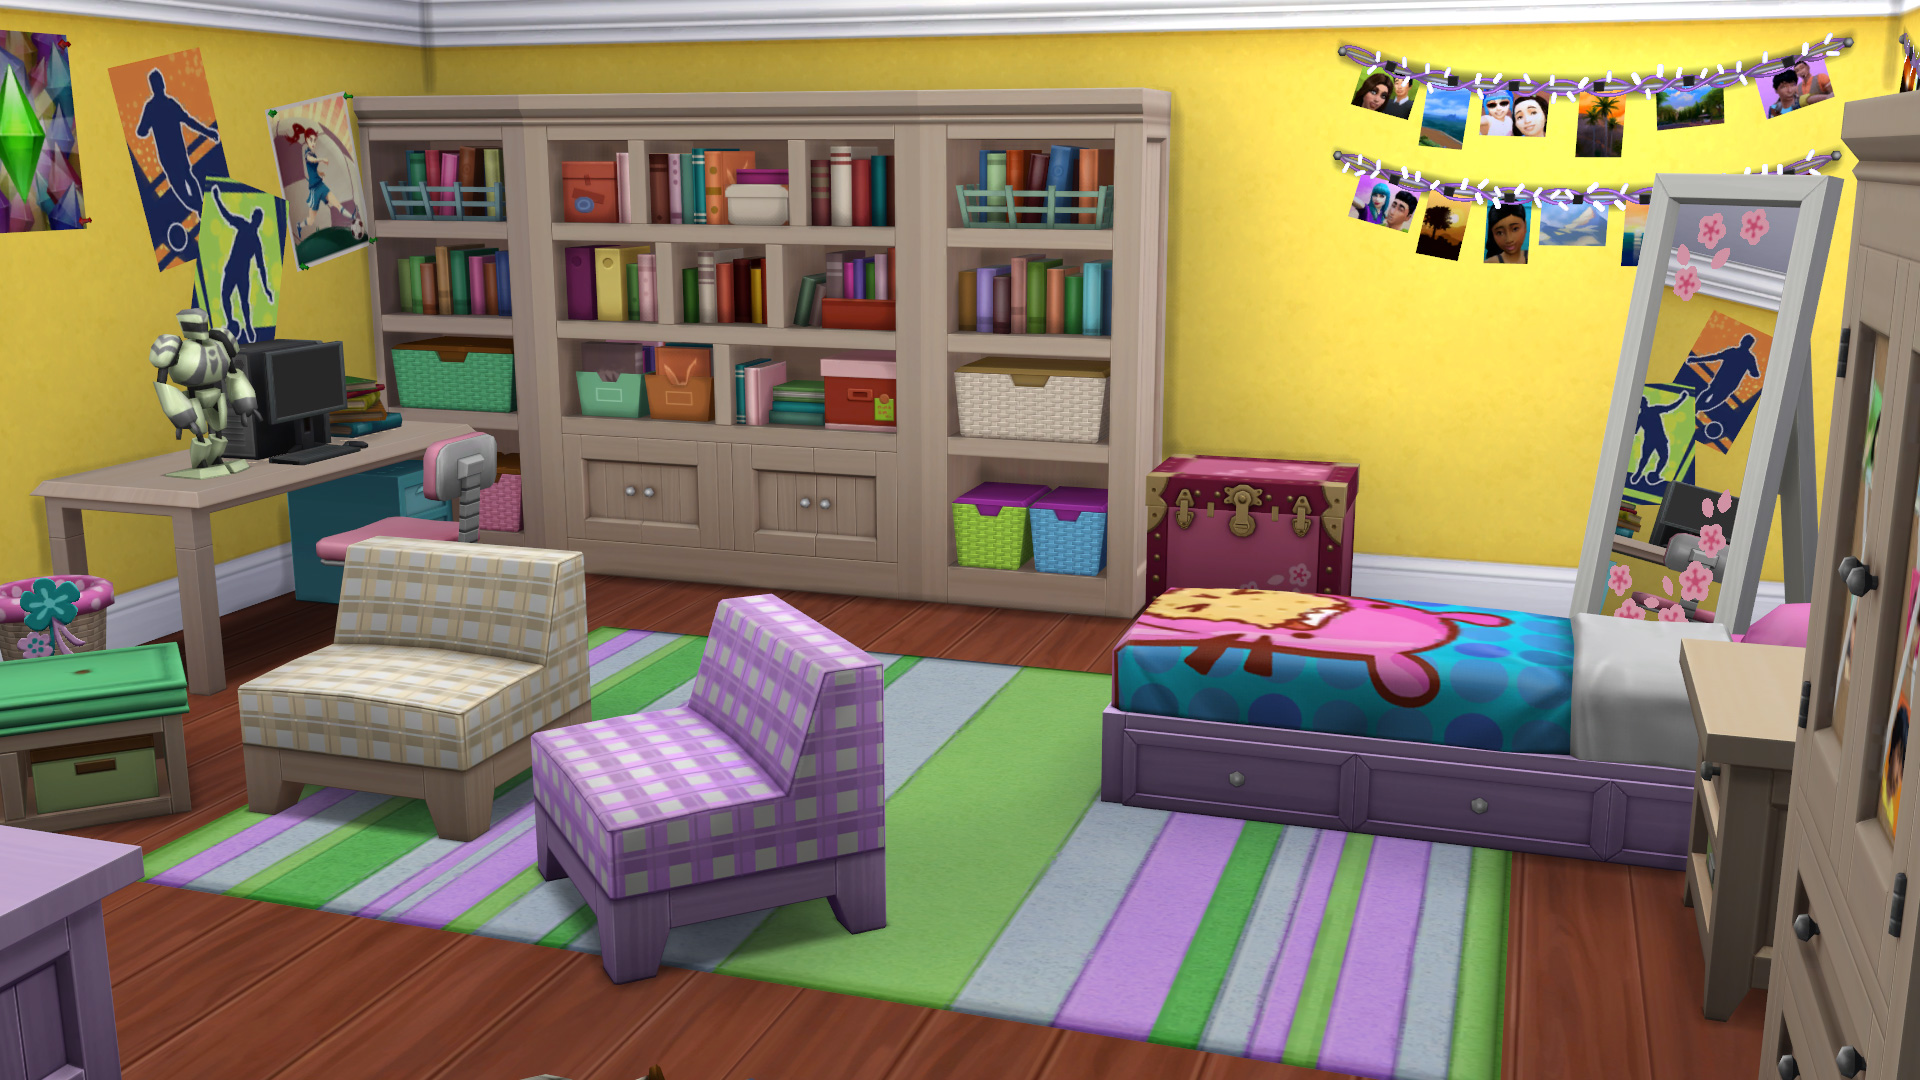 Angespielt die sims 4 kinderzimmer accessoires simtimes for Accessoires kinderzimmer